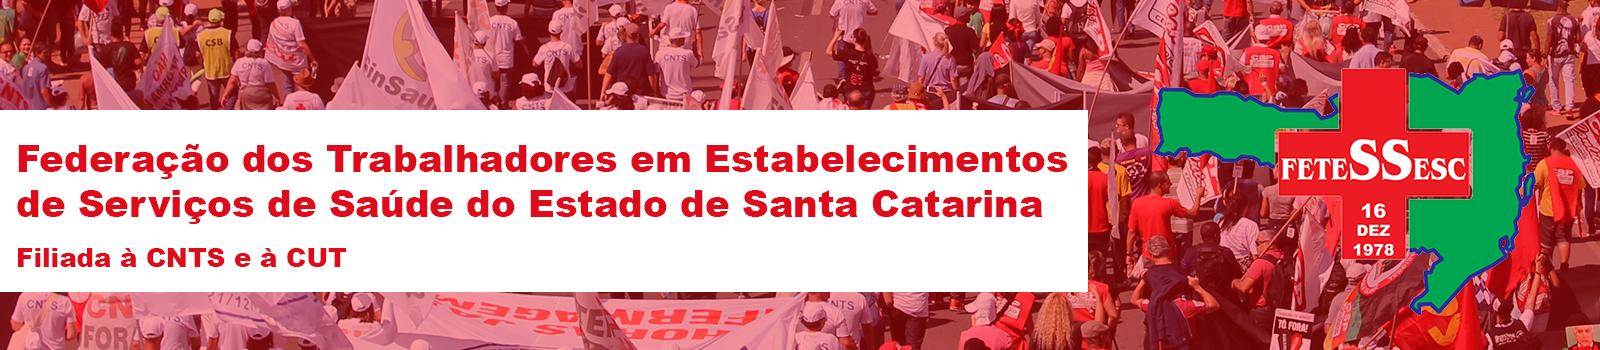 FETESSESC –  Federação dos Trabalhadores em Estabelecimentos de Saúde do Estado de Santa Catarina